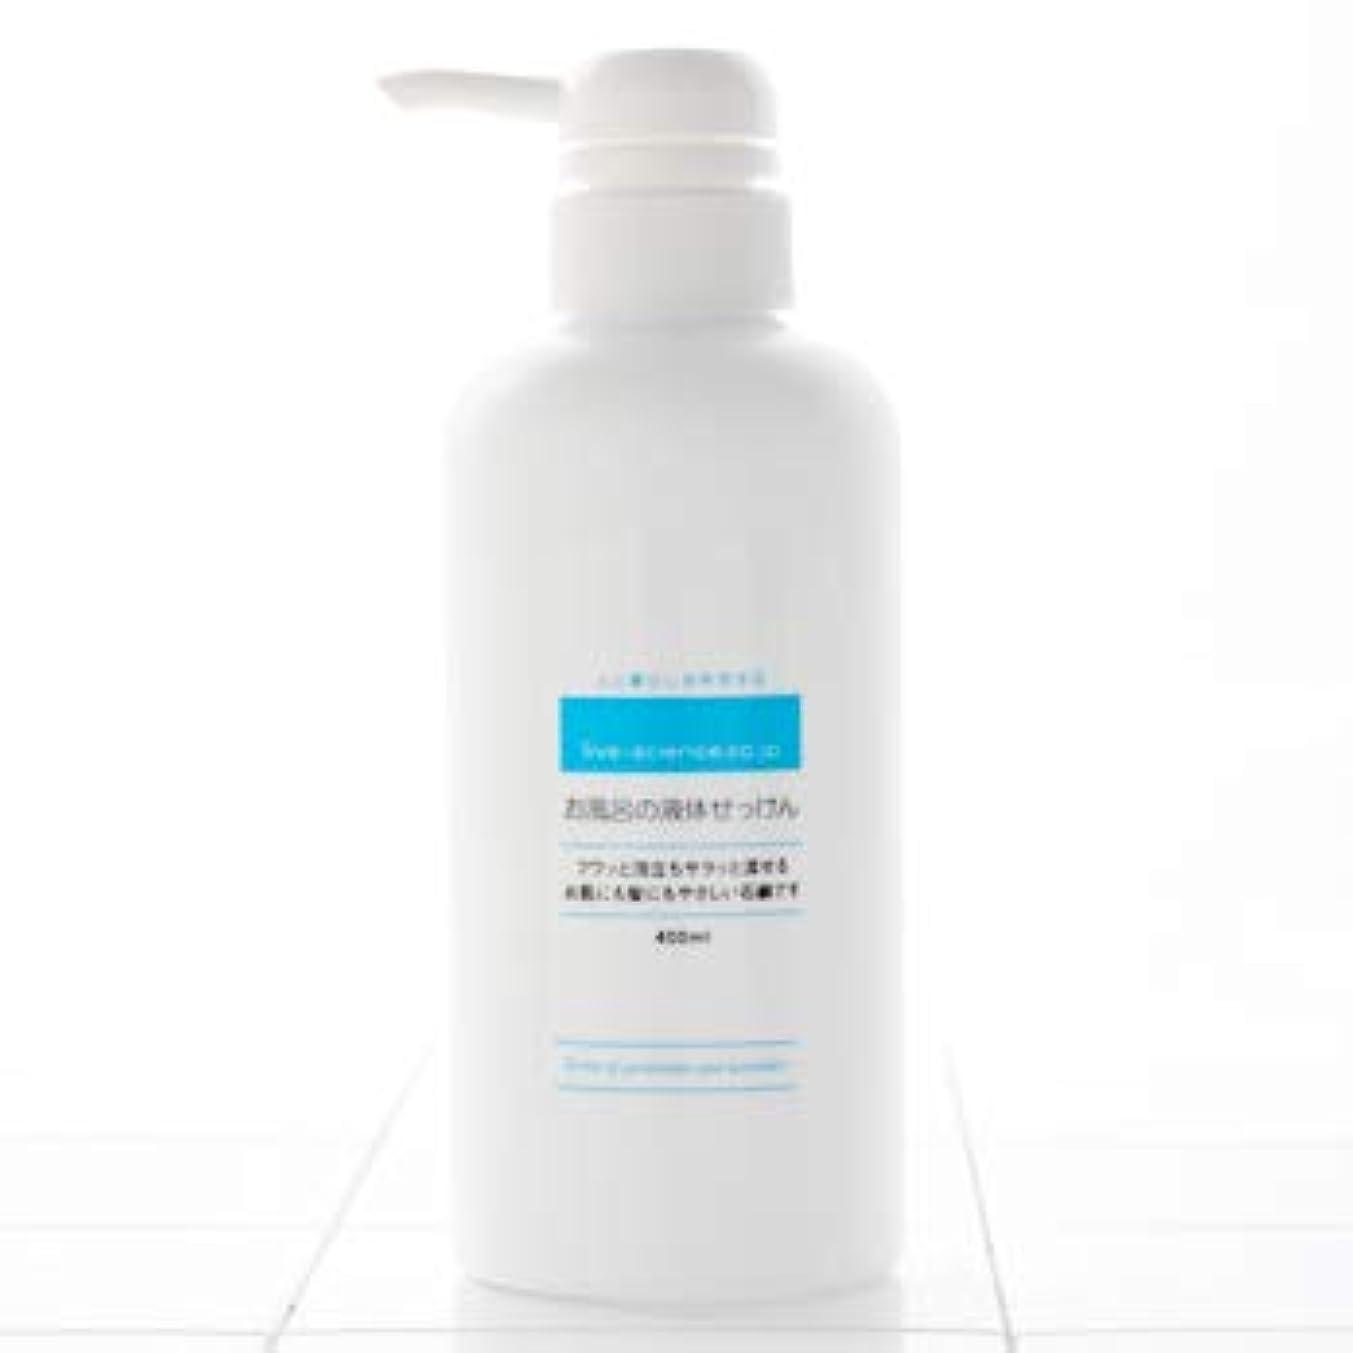 びっくりした受け入れ評決石けん百貨 お風呂の液体せっけん ゼラニウム&ラベンダーの香り (本体400ml)